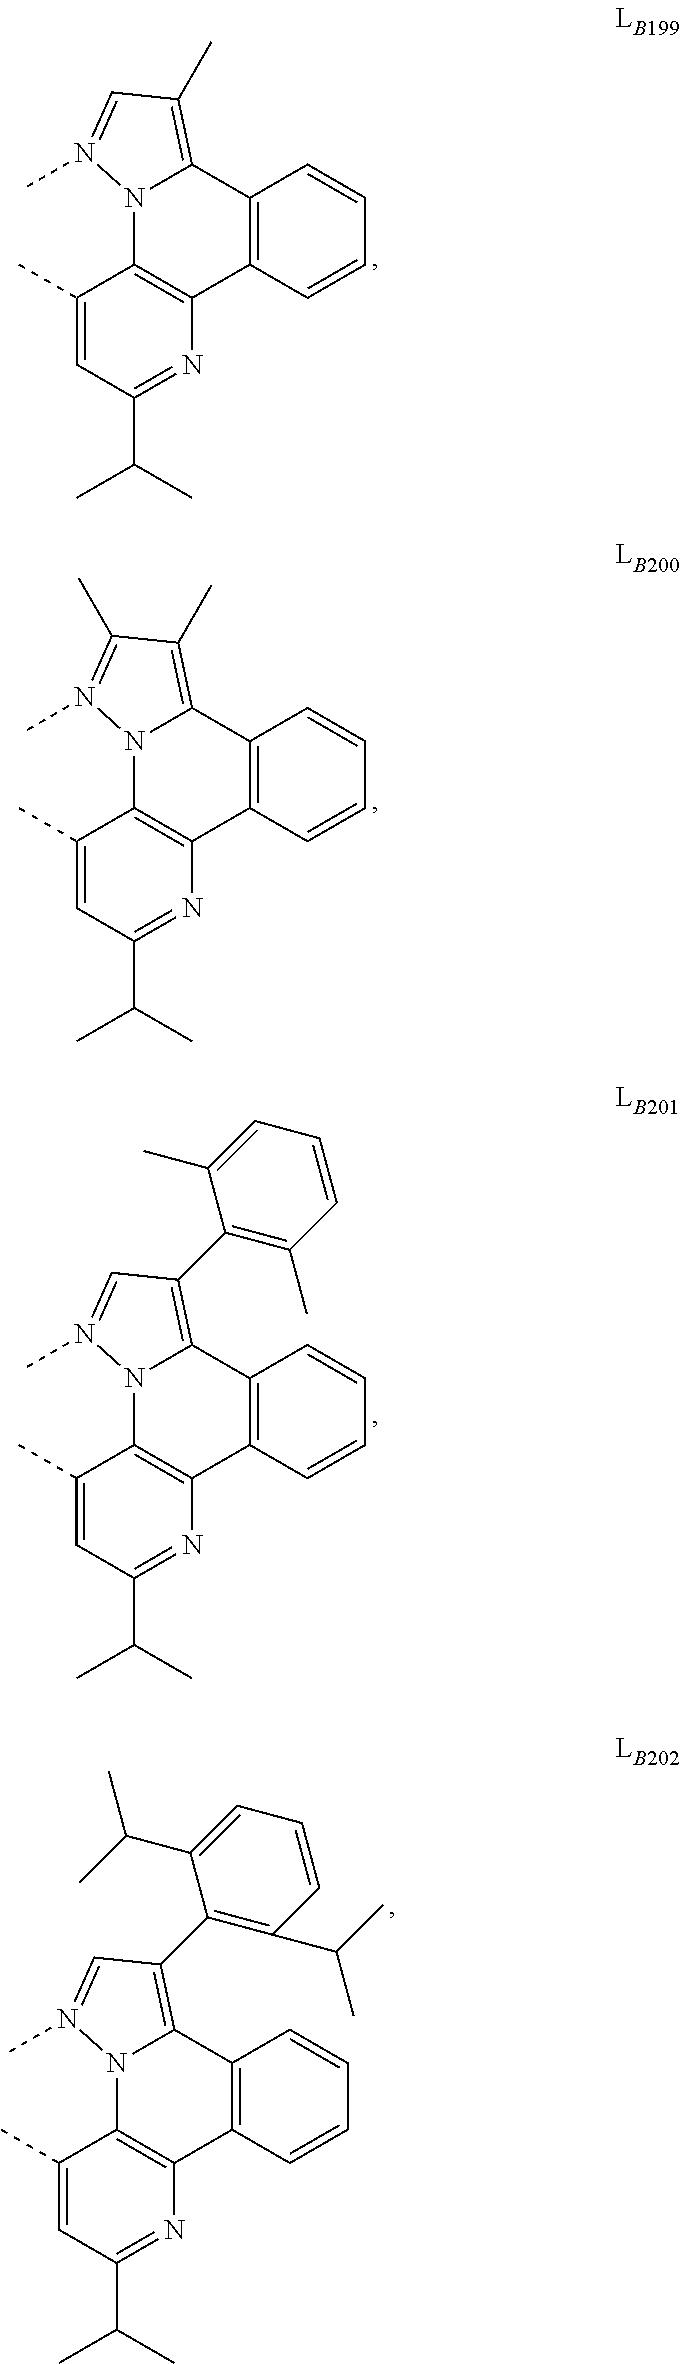 Figure US09905785-20180227-C00542